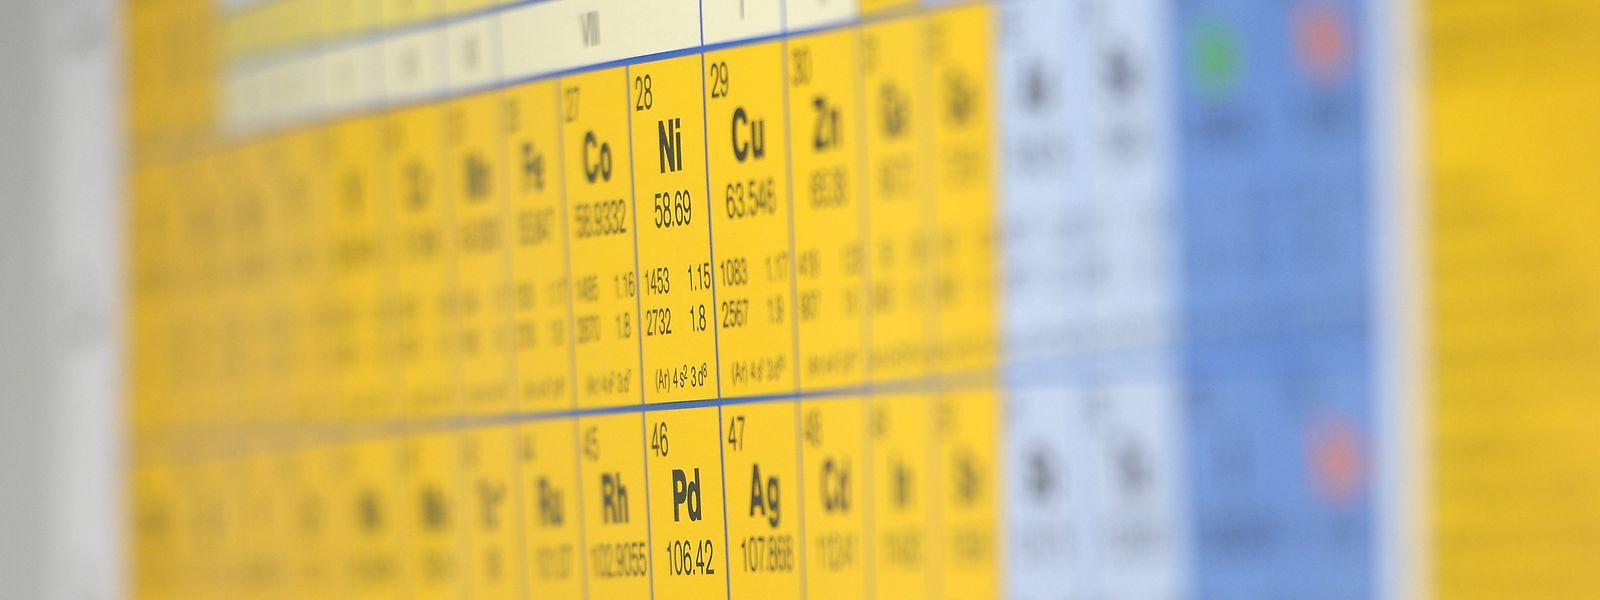 Bis zur Einführung des Periodensystems ordnete man chemische Elemente unter anderem nach ihrer Farbe.